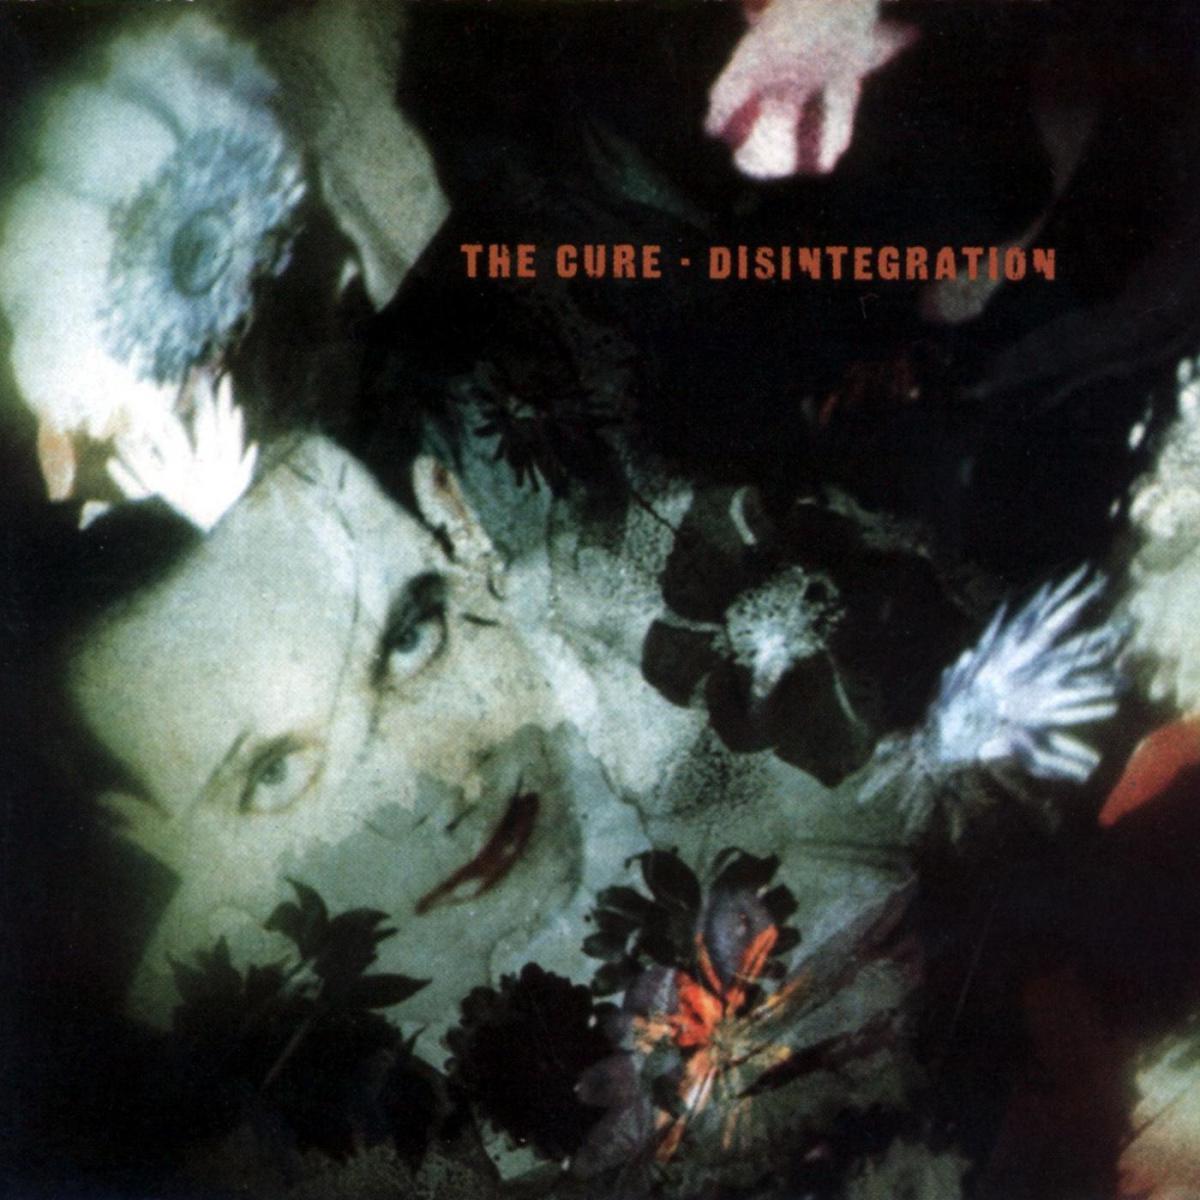 The Cure – Disintegration [2xLP]